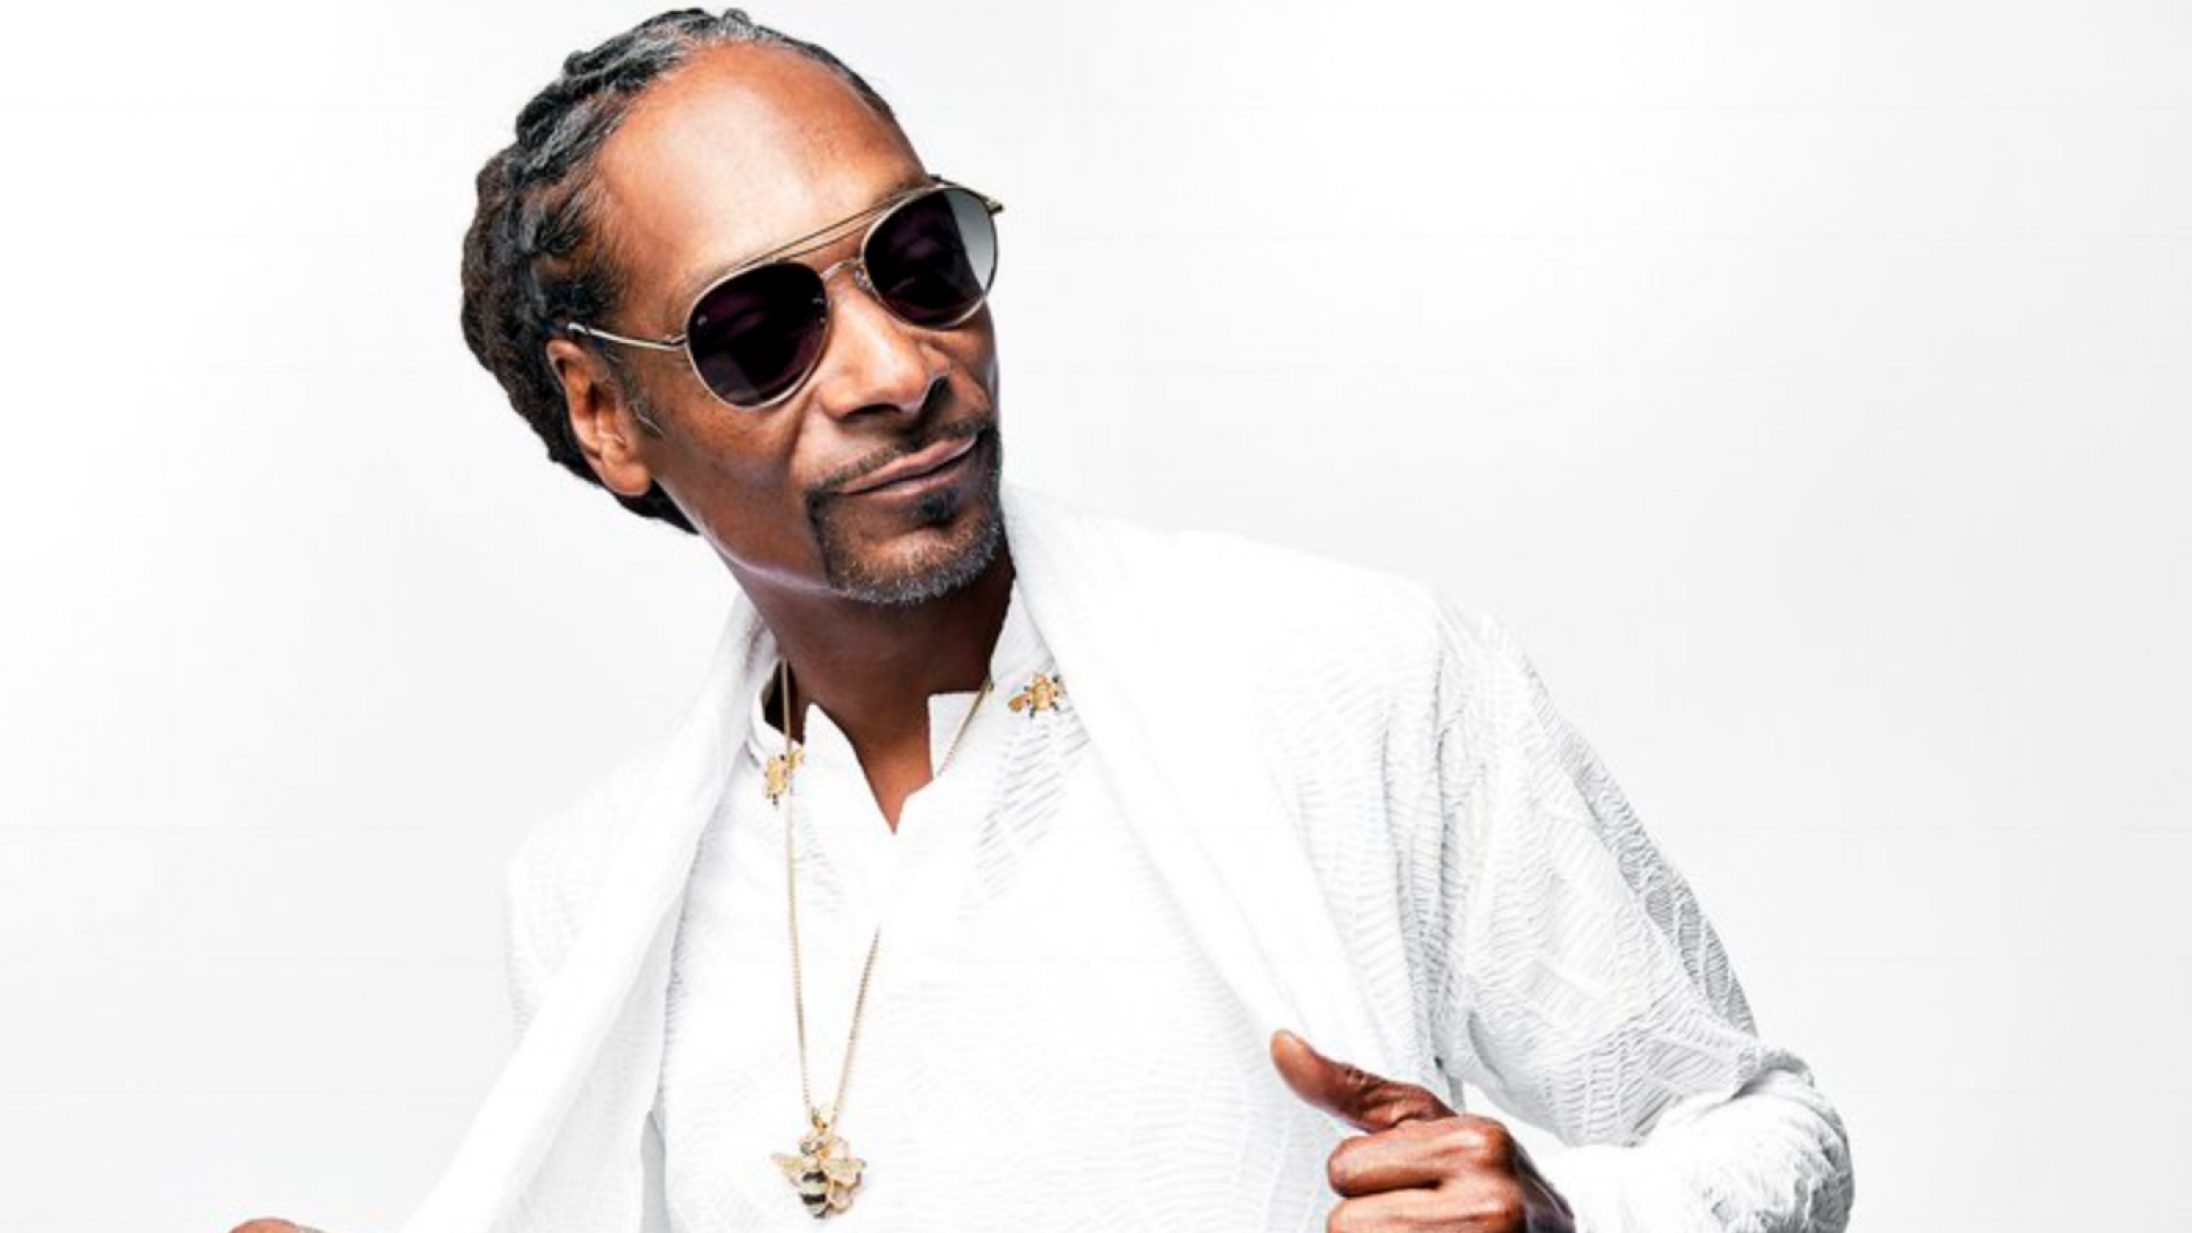 Snoop Dogg afslører, hvilken grøntsag der er bedst til at ryge weed af